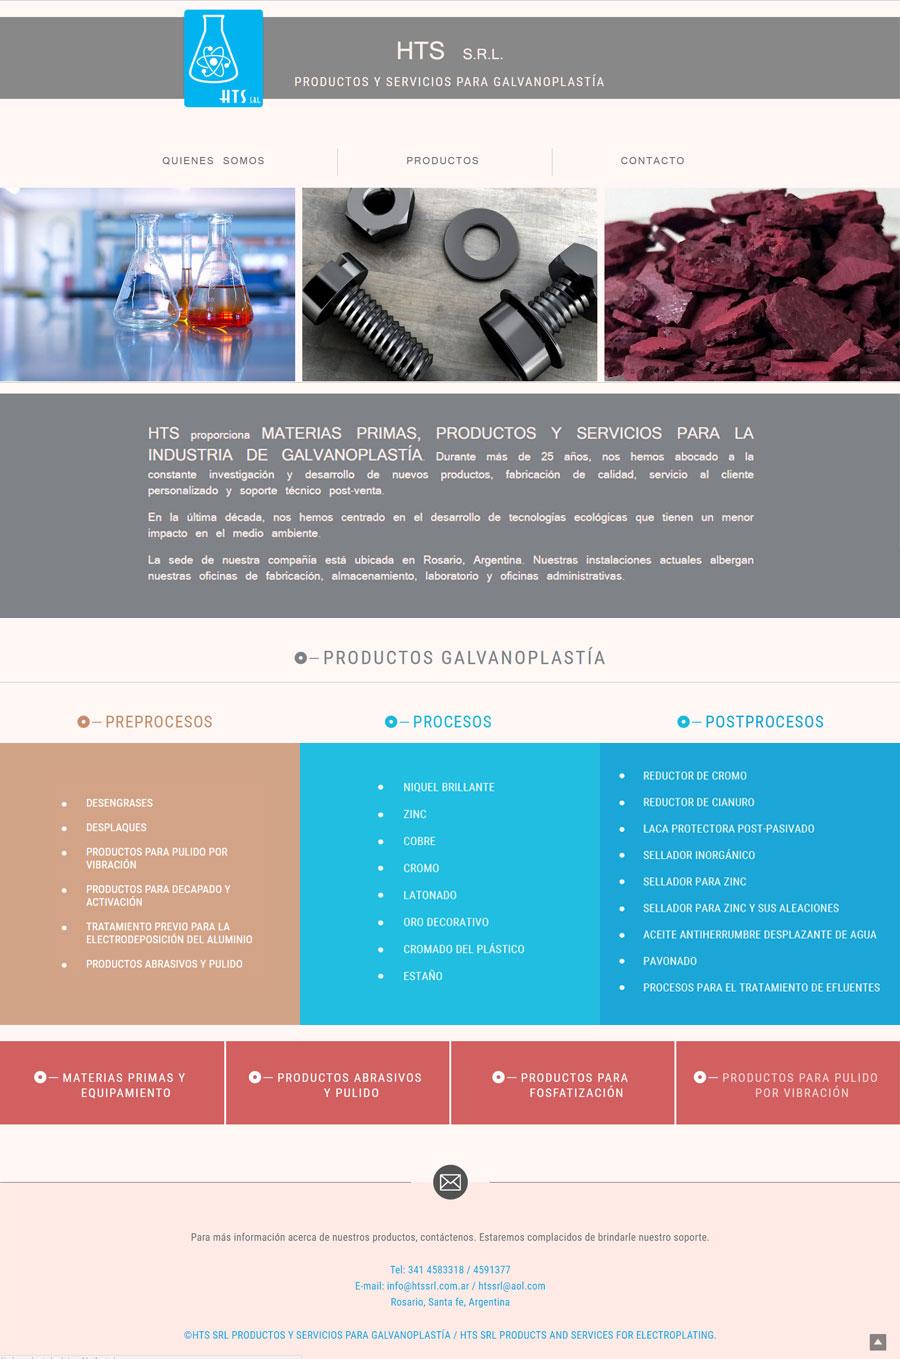 Web diseñada y desarrollada por lavueltaweb para la empresa HTS SRL Productos y servicios de Galvanoplastía. Páginas industria